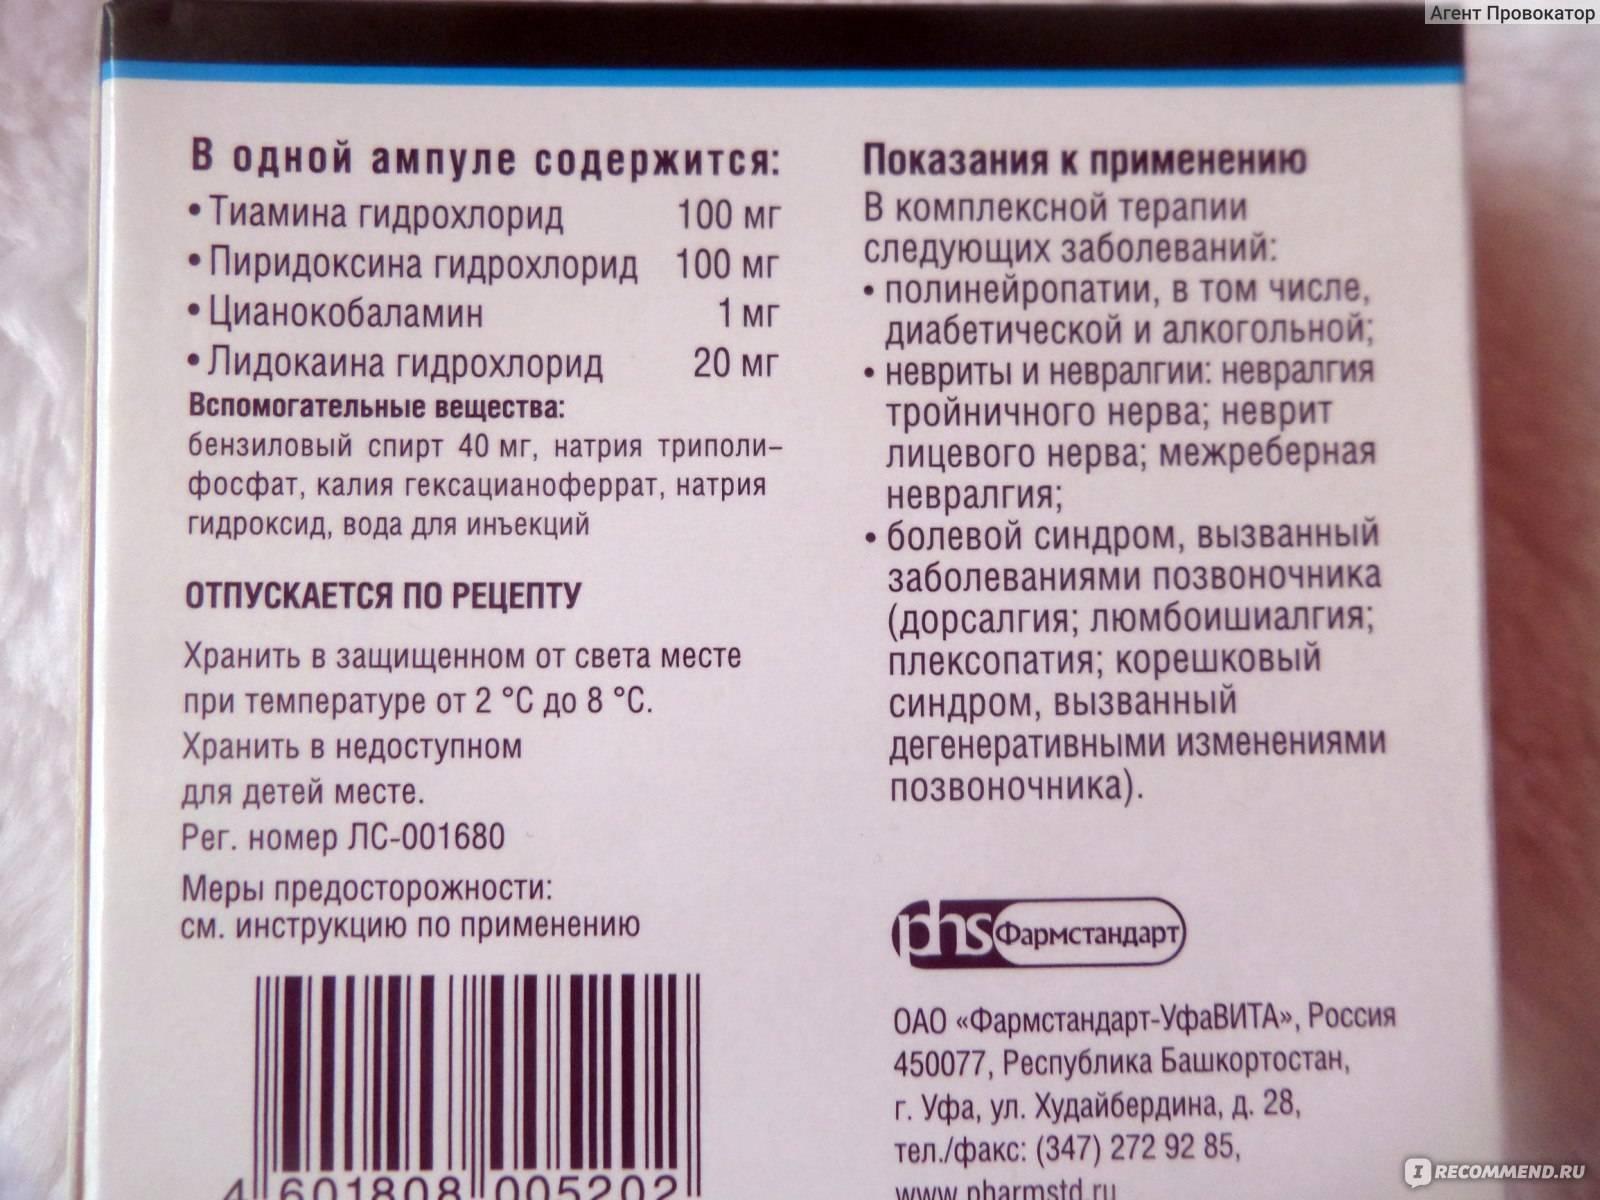 """""""тайм фактор"""": инструкция по применению, показания, состав, побочные действия, отзывы гинекологов - druggist.ru"""